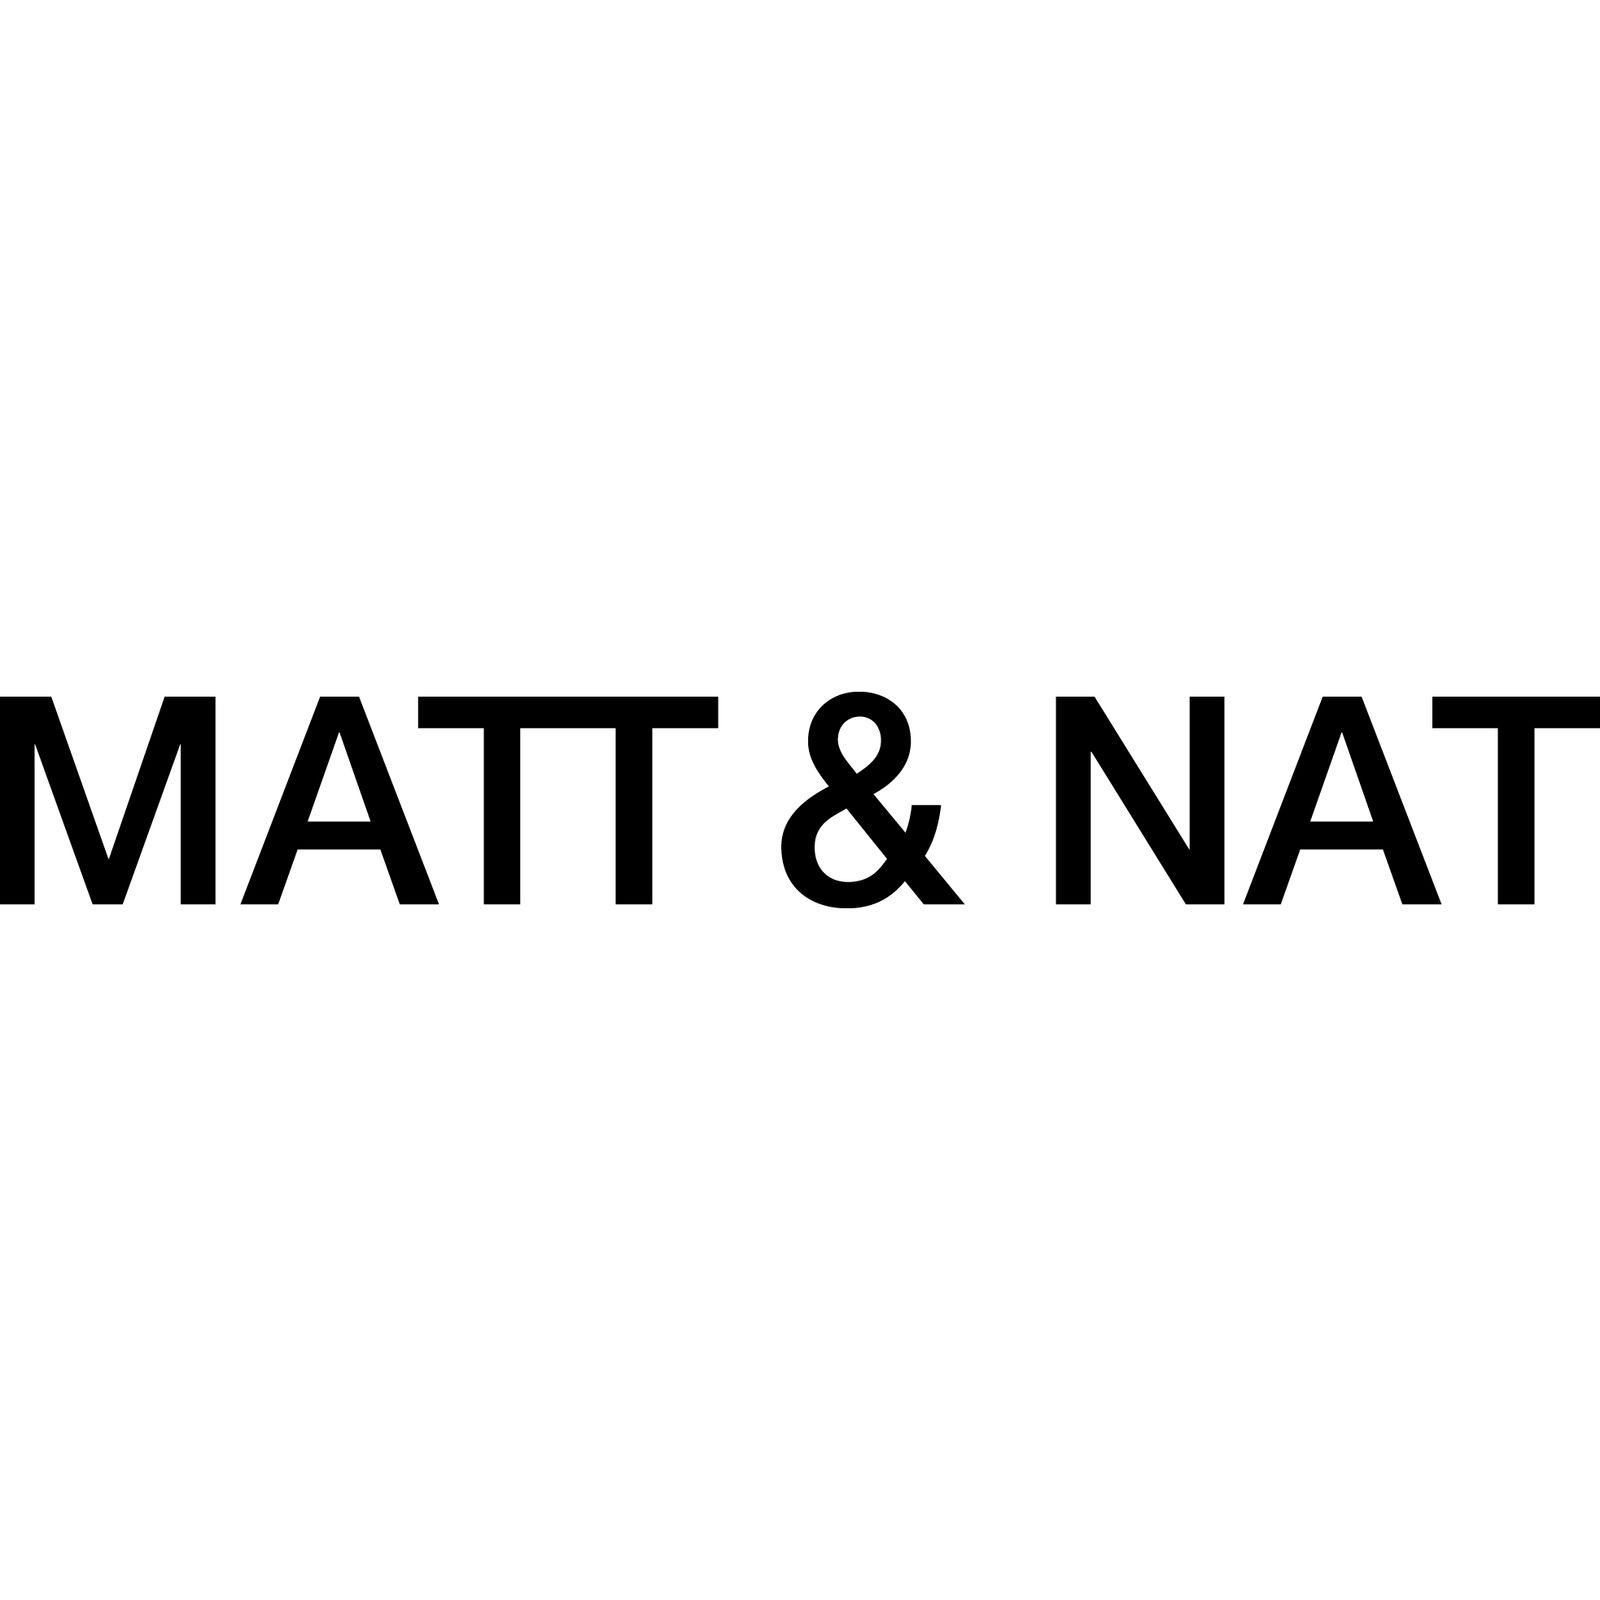 MATT & NAT (Image 1)